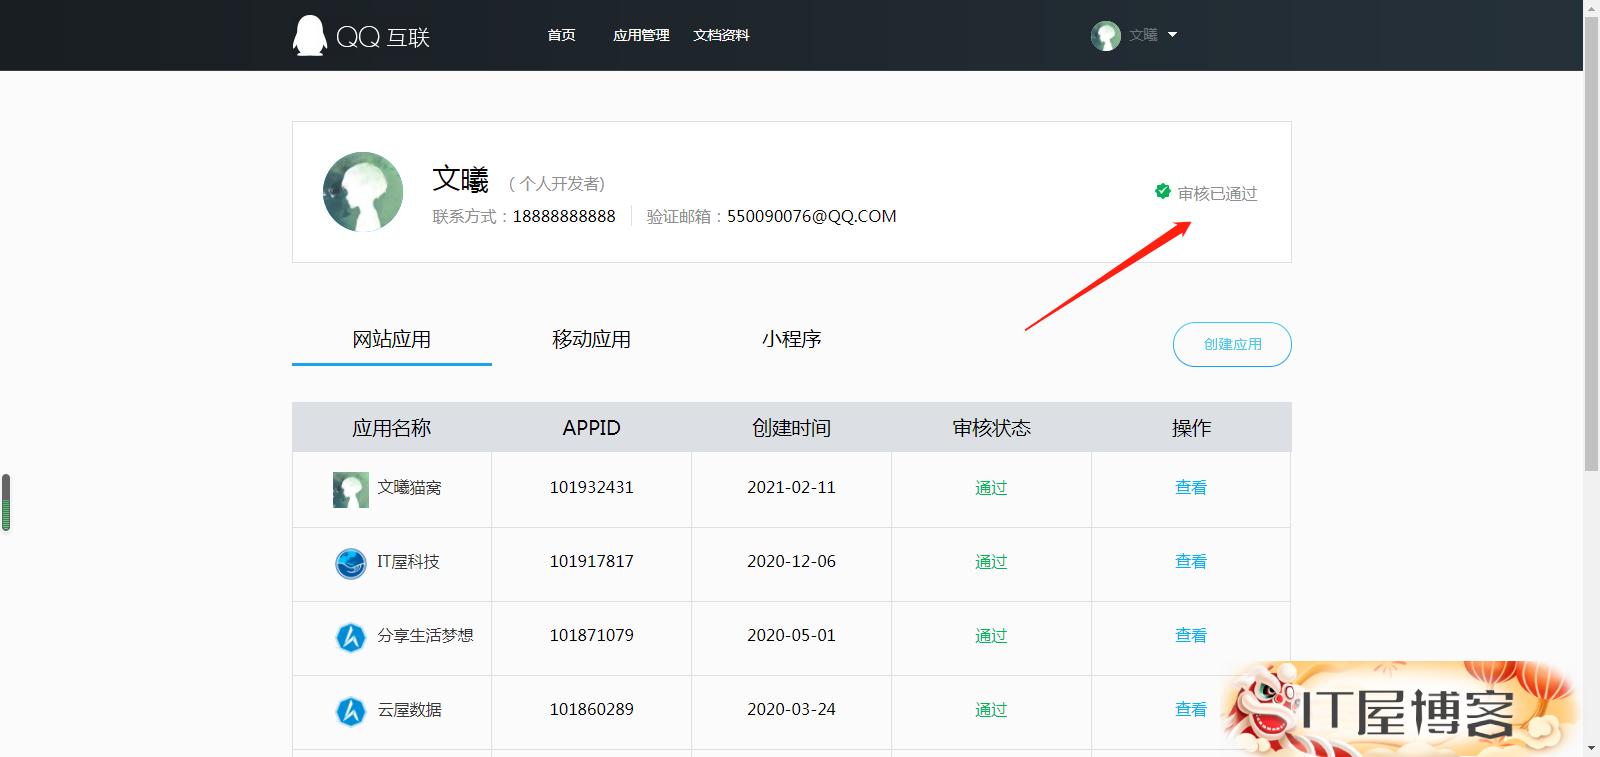 申请成为QQ互联个人开发者步骤(注意事项)【2021最新】  申请成为QQ互联 第4张